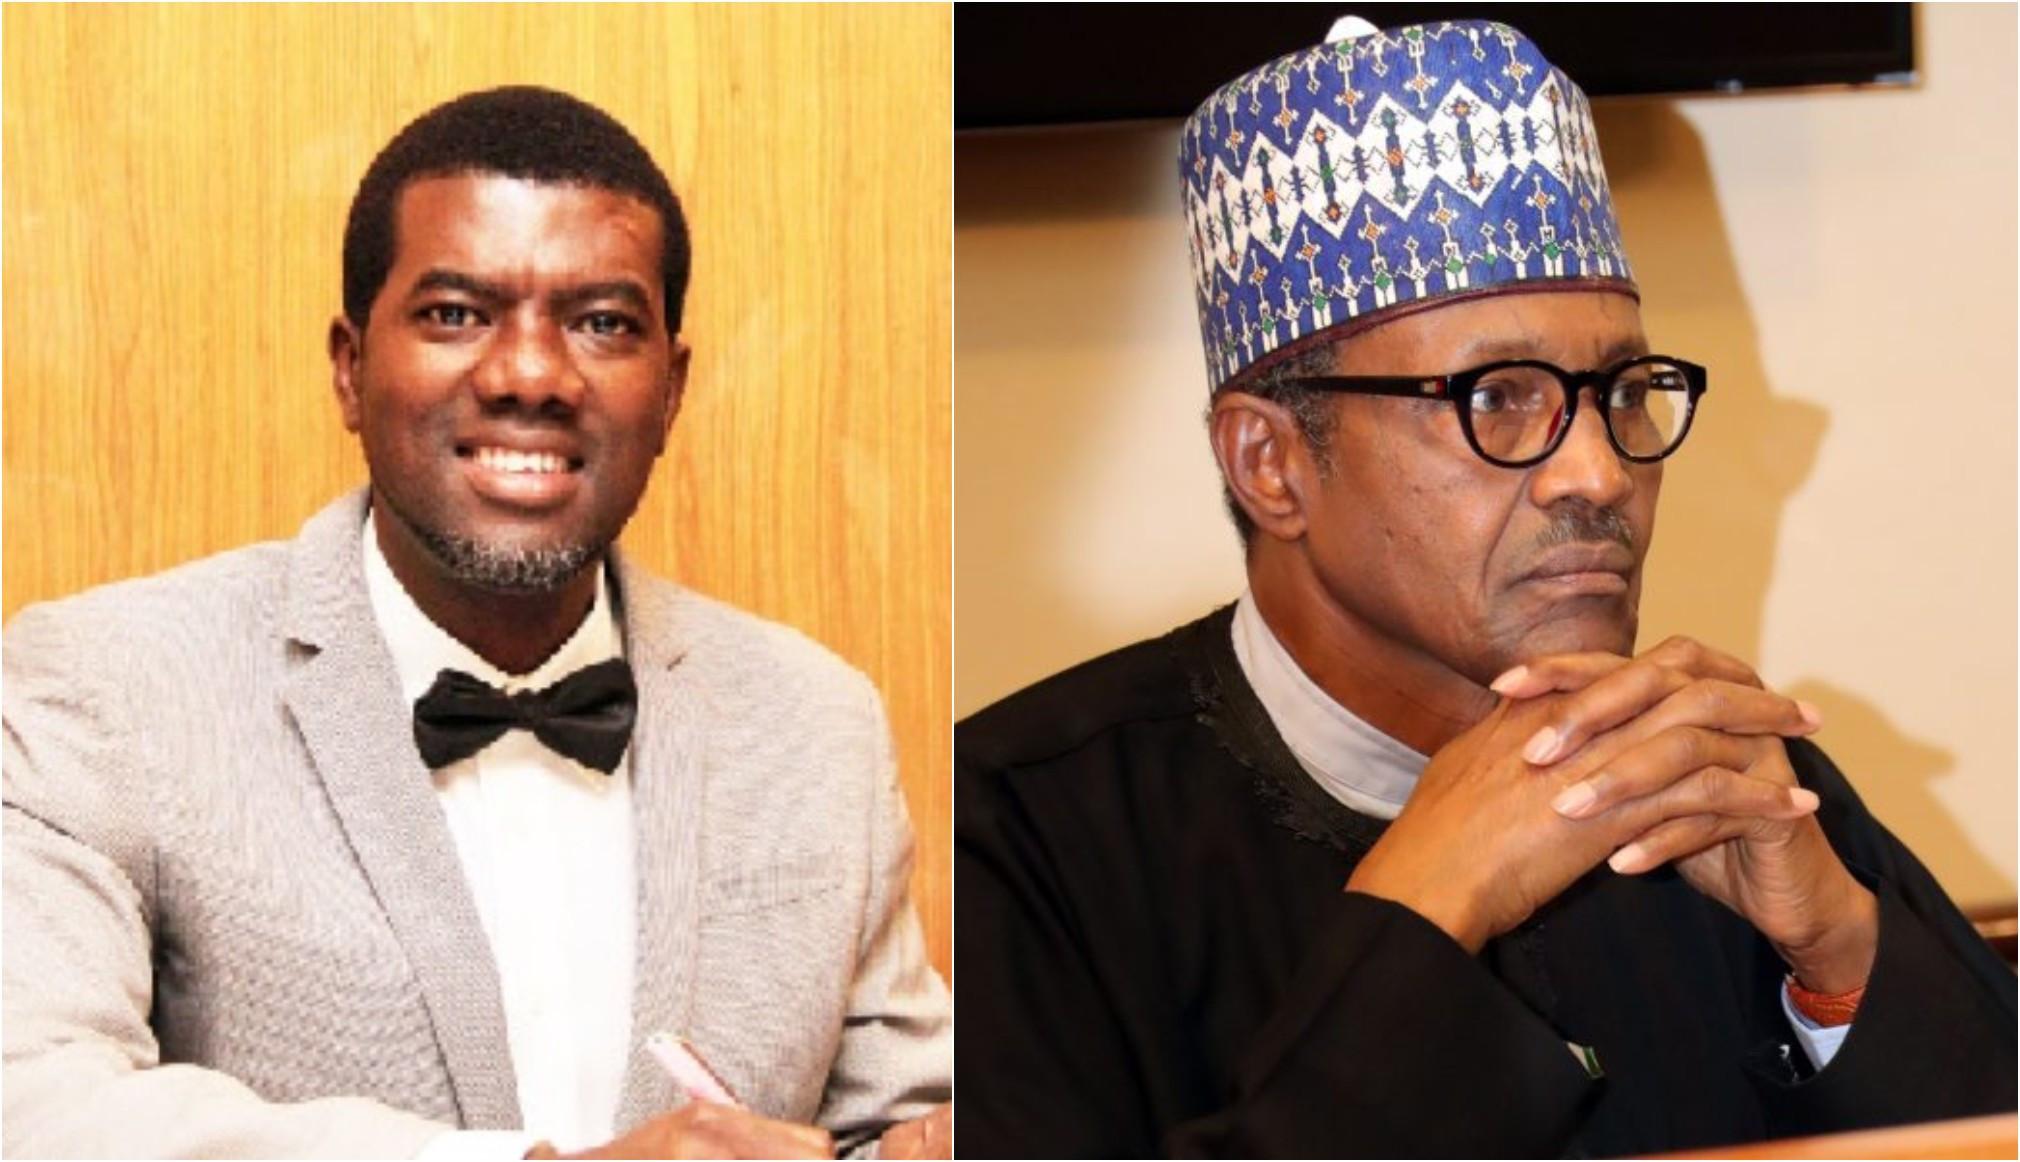 Borrow wisdom not billions - Reno Omokri tells Buhari